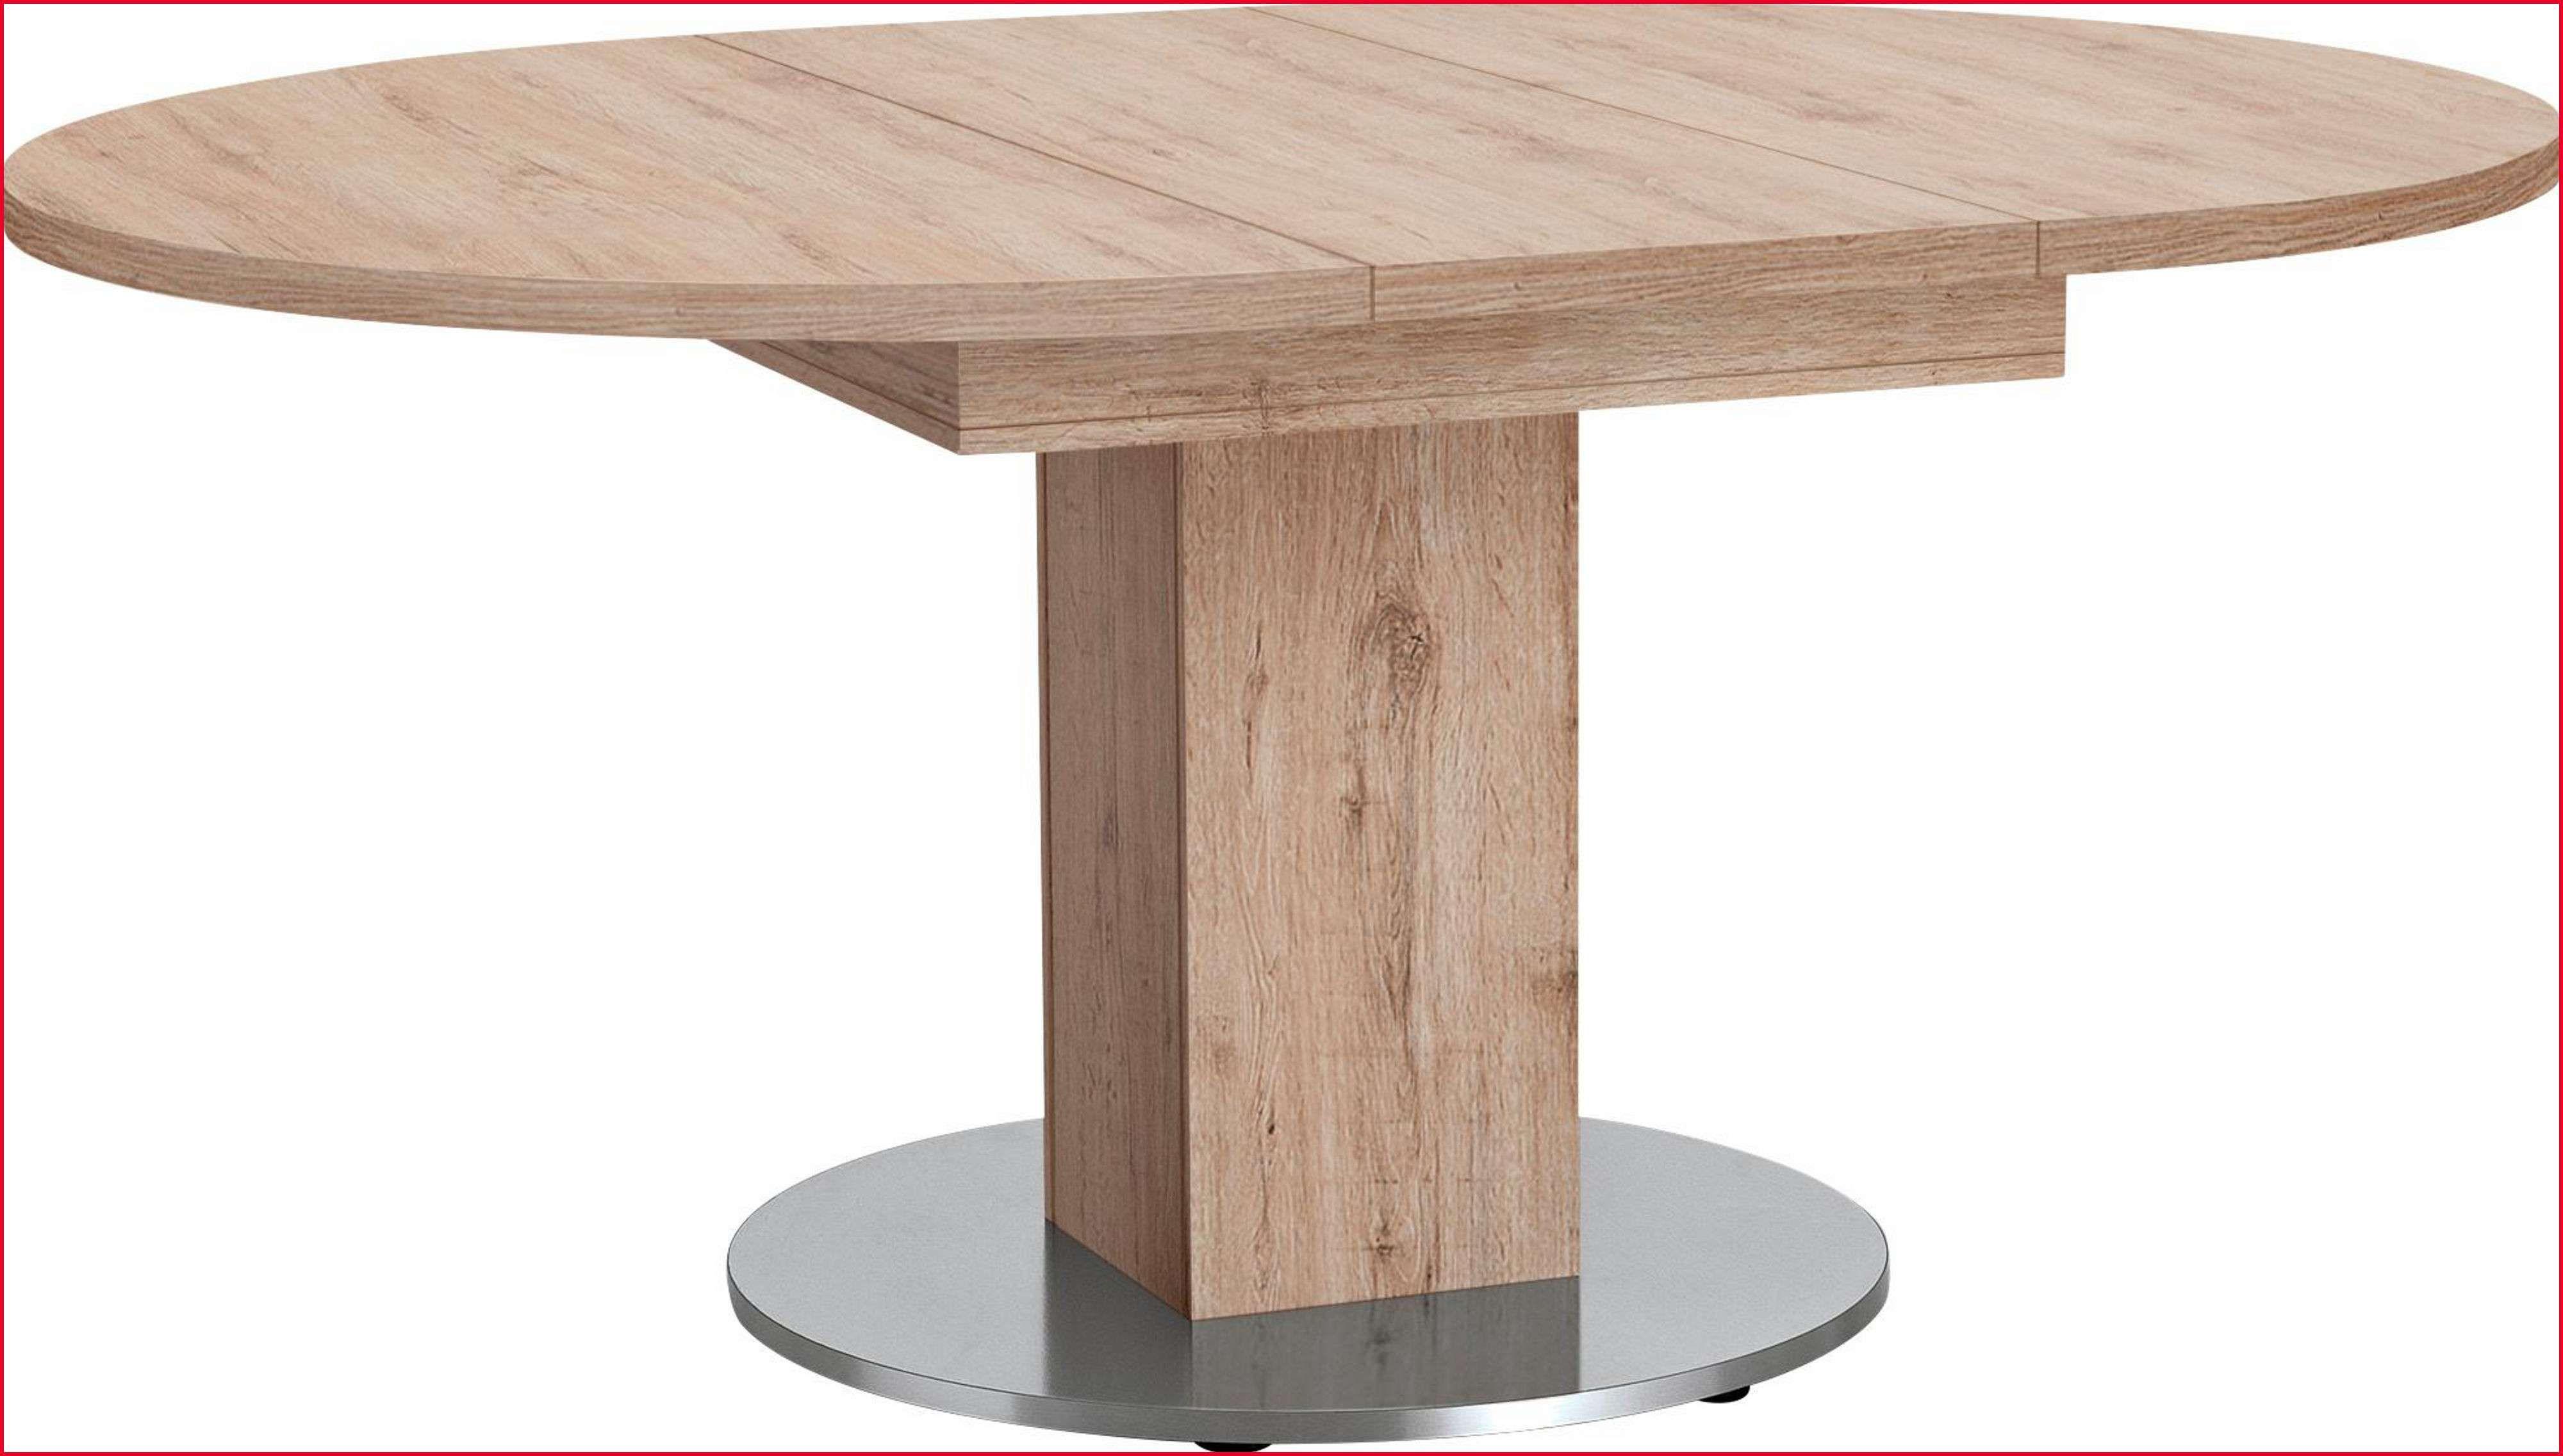 Tisch Rund 90 Cm 35 Konzept Zum Gartentisch Rund 90 Cm Ideen Fur Terrassengestaltung Table Coffee Table Dining Table